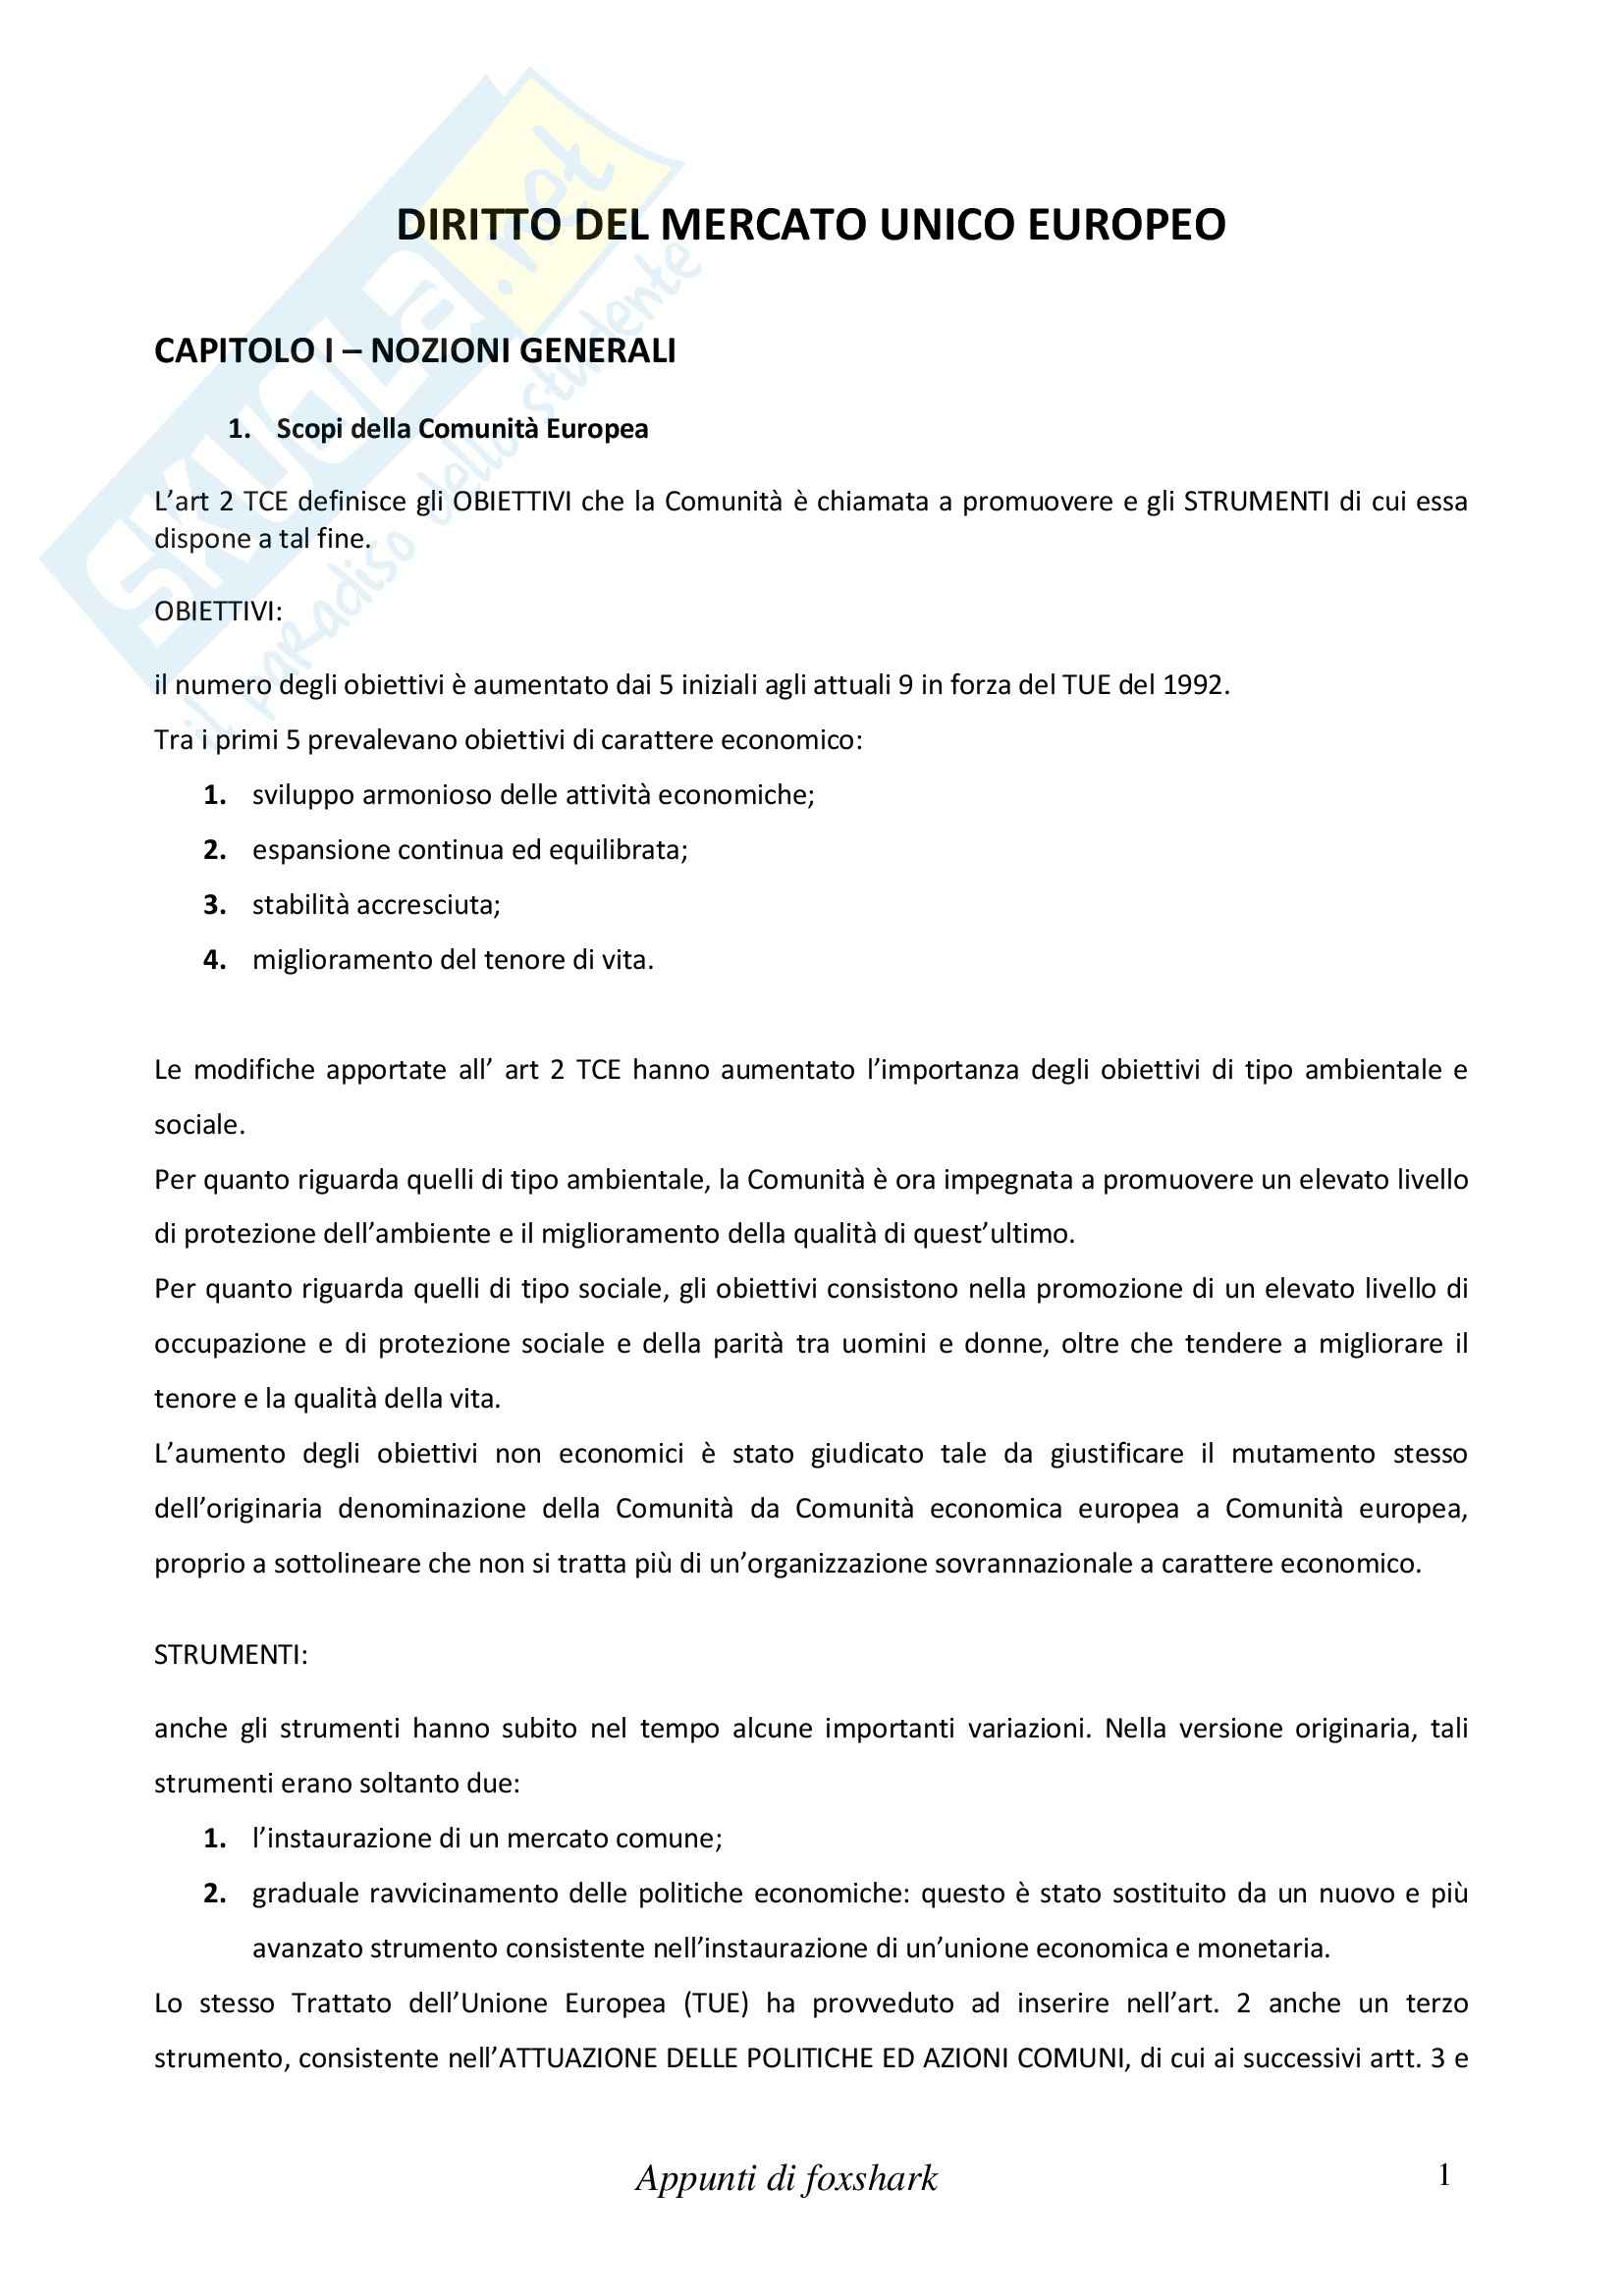 Riassunto esame Diritto Internazionale e dell'Economia, prof. Cannizzaro, libro consigliato Diritto del Mercato Unico Europeo, Daniele